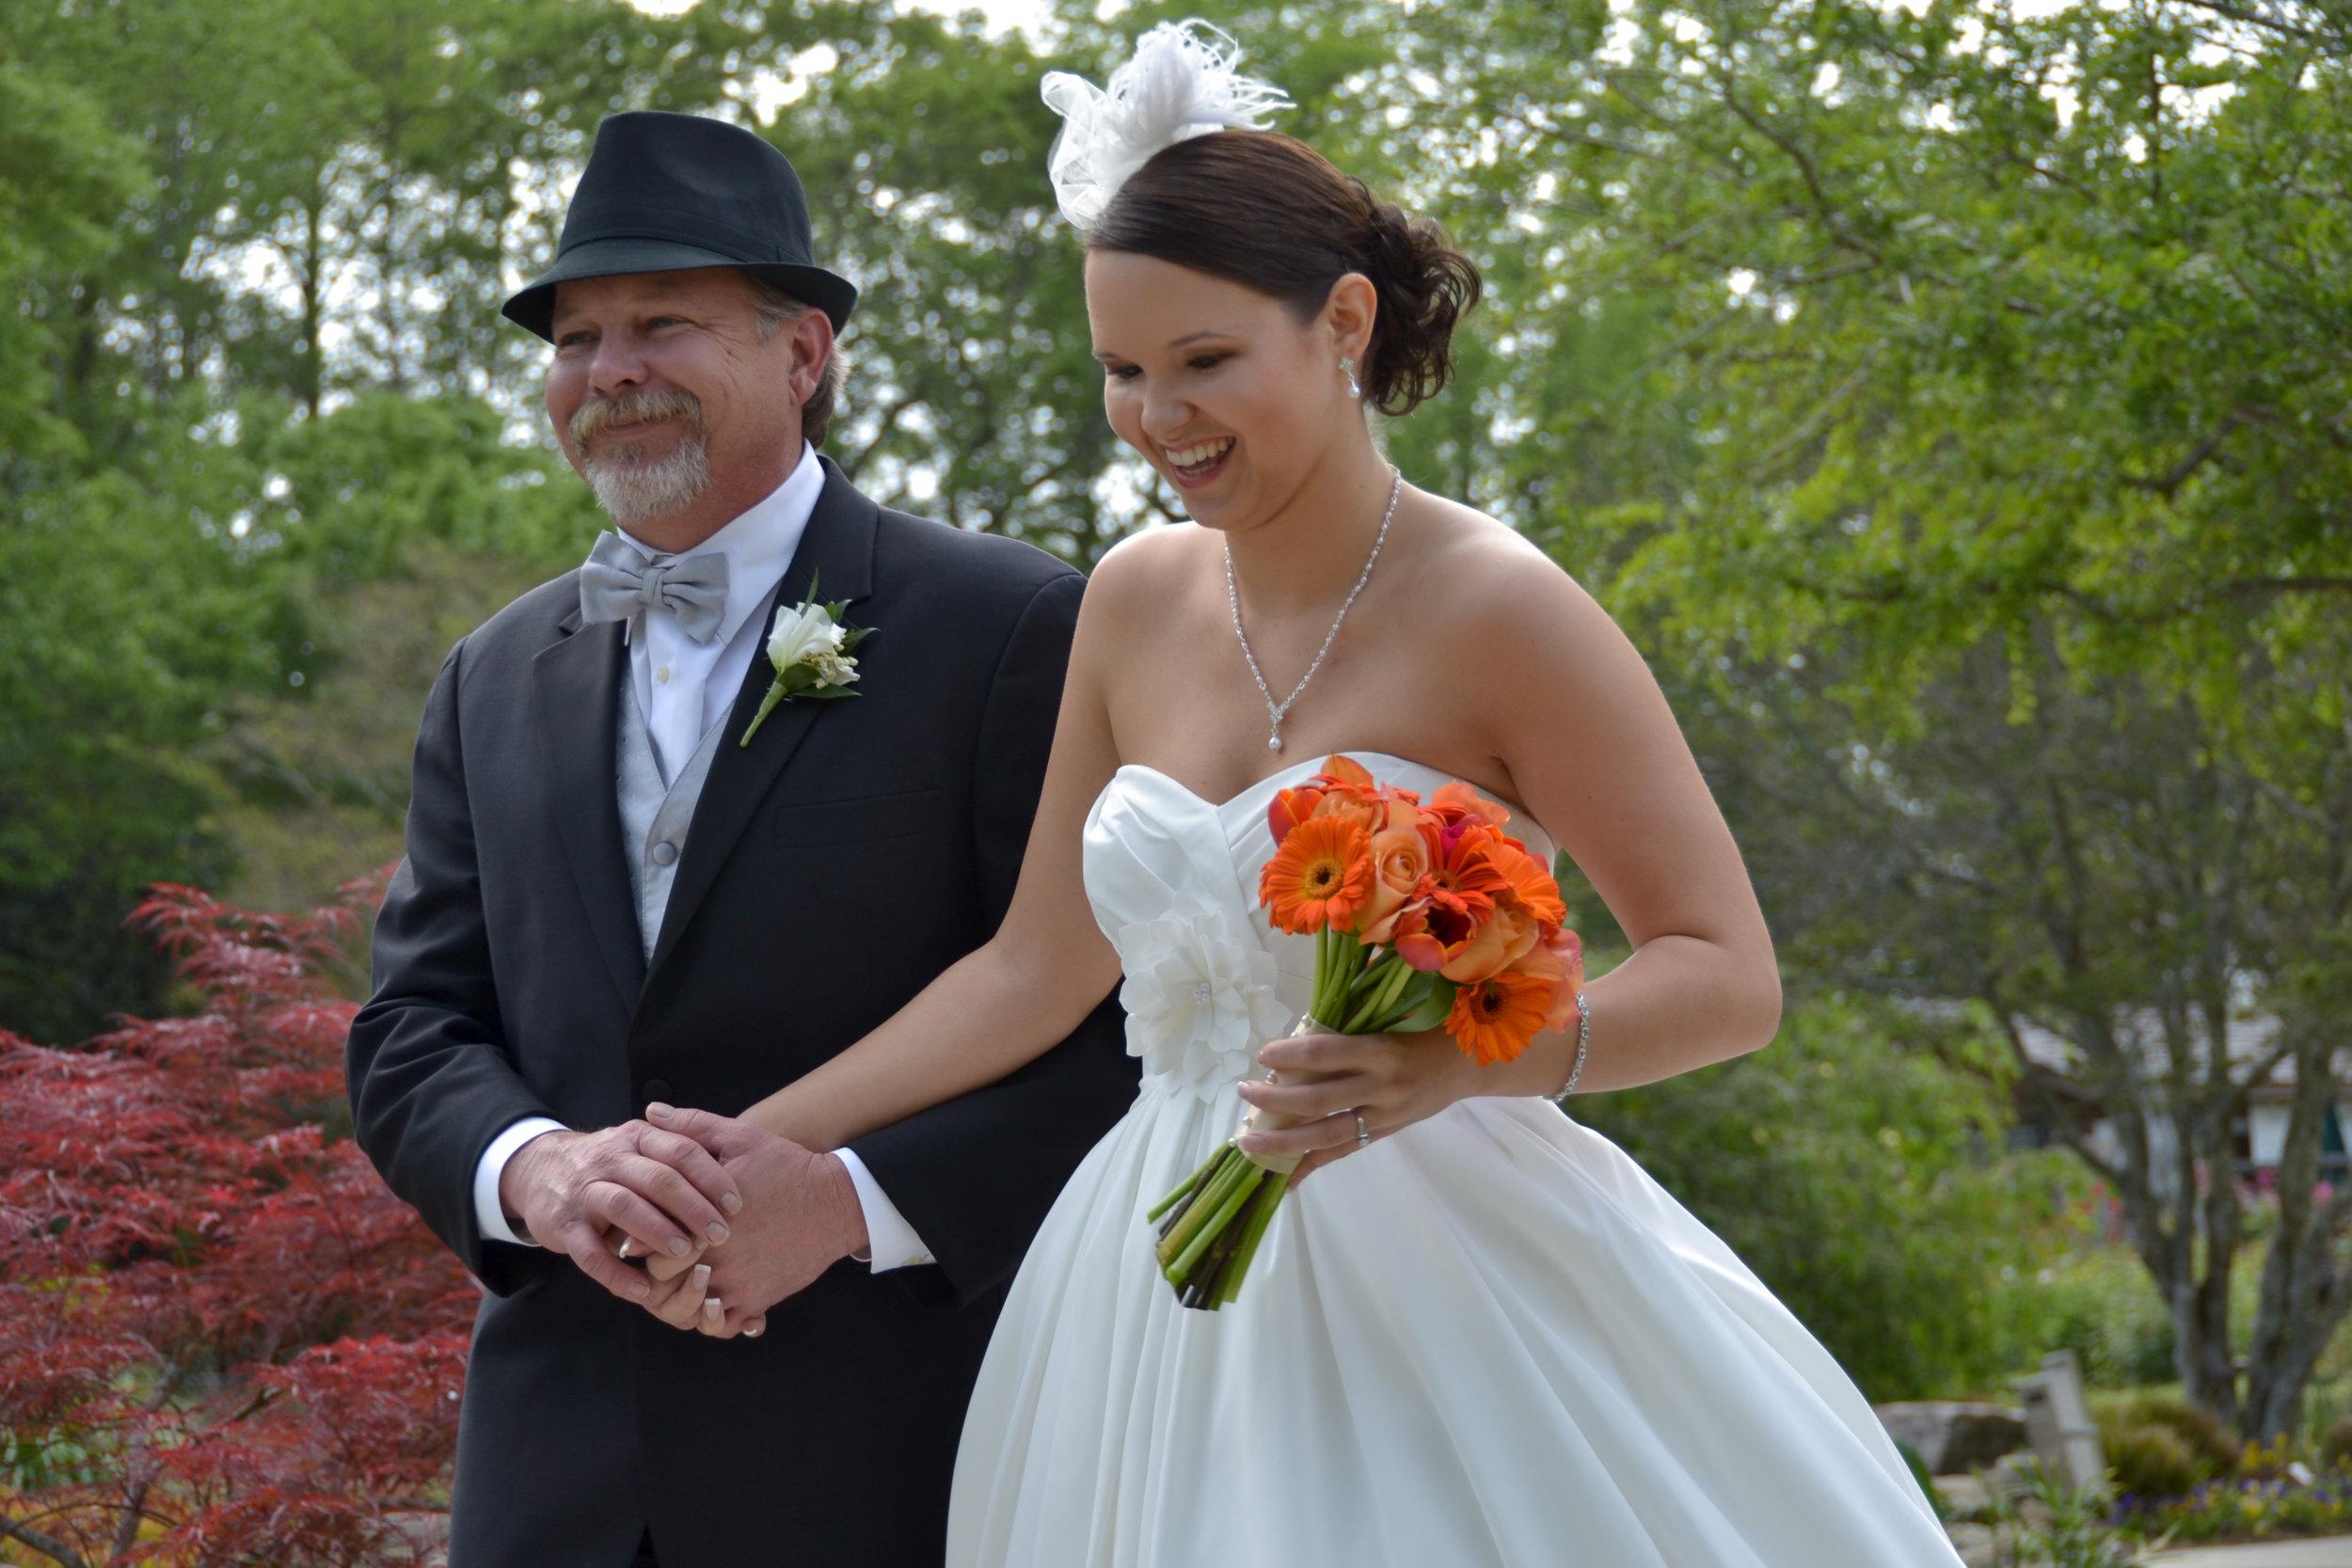 Candid Shot of dad walking daughter to wedding.